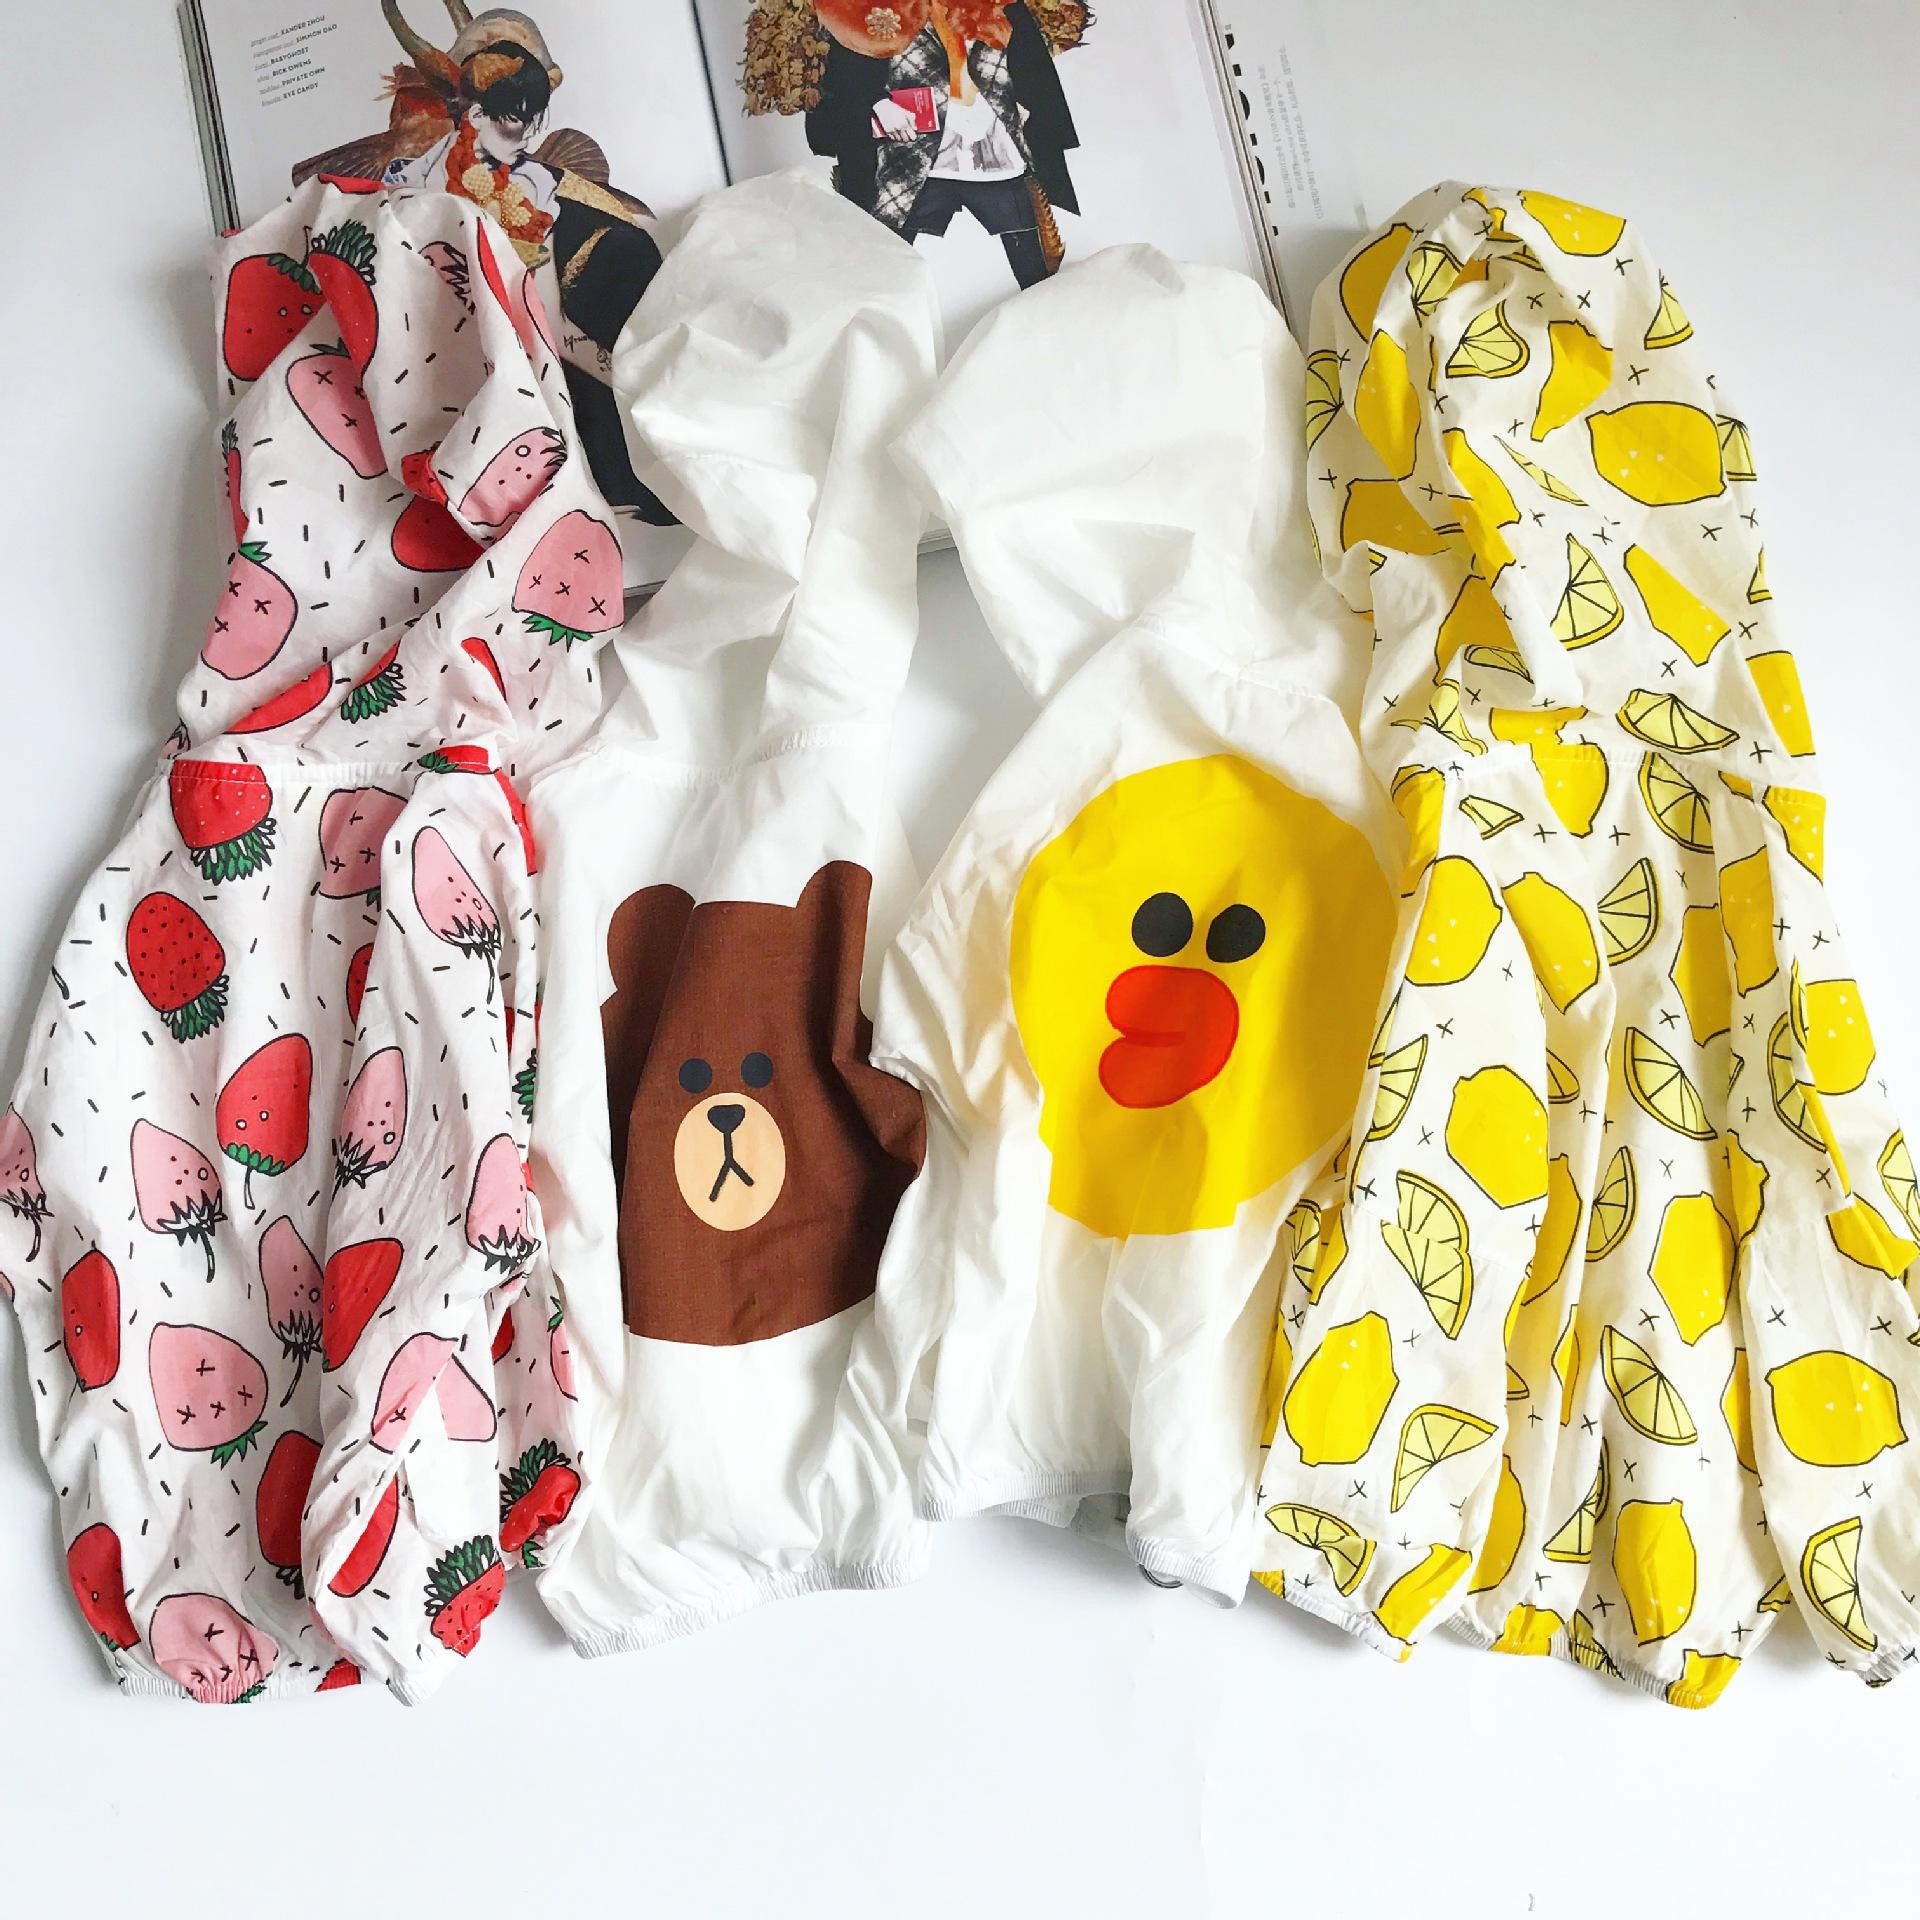 Ребенок солнцезащитный одежды хлопок воздухопроницаемый тонкий мальчиков девочки солнцезащитный крем одежда ребенок кожа одежда ребенок лето пальто